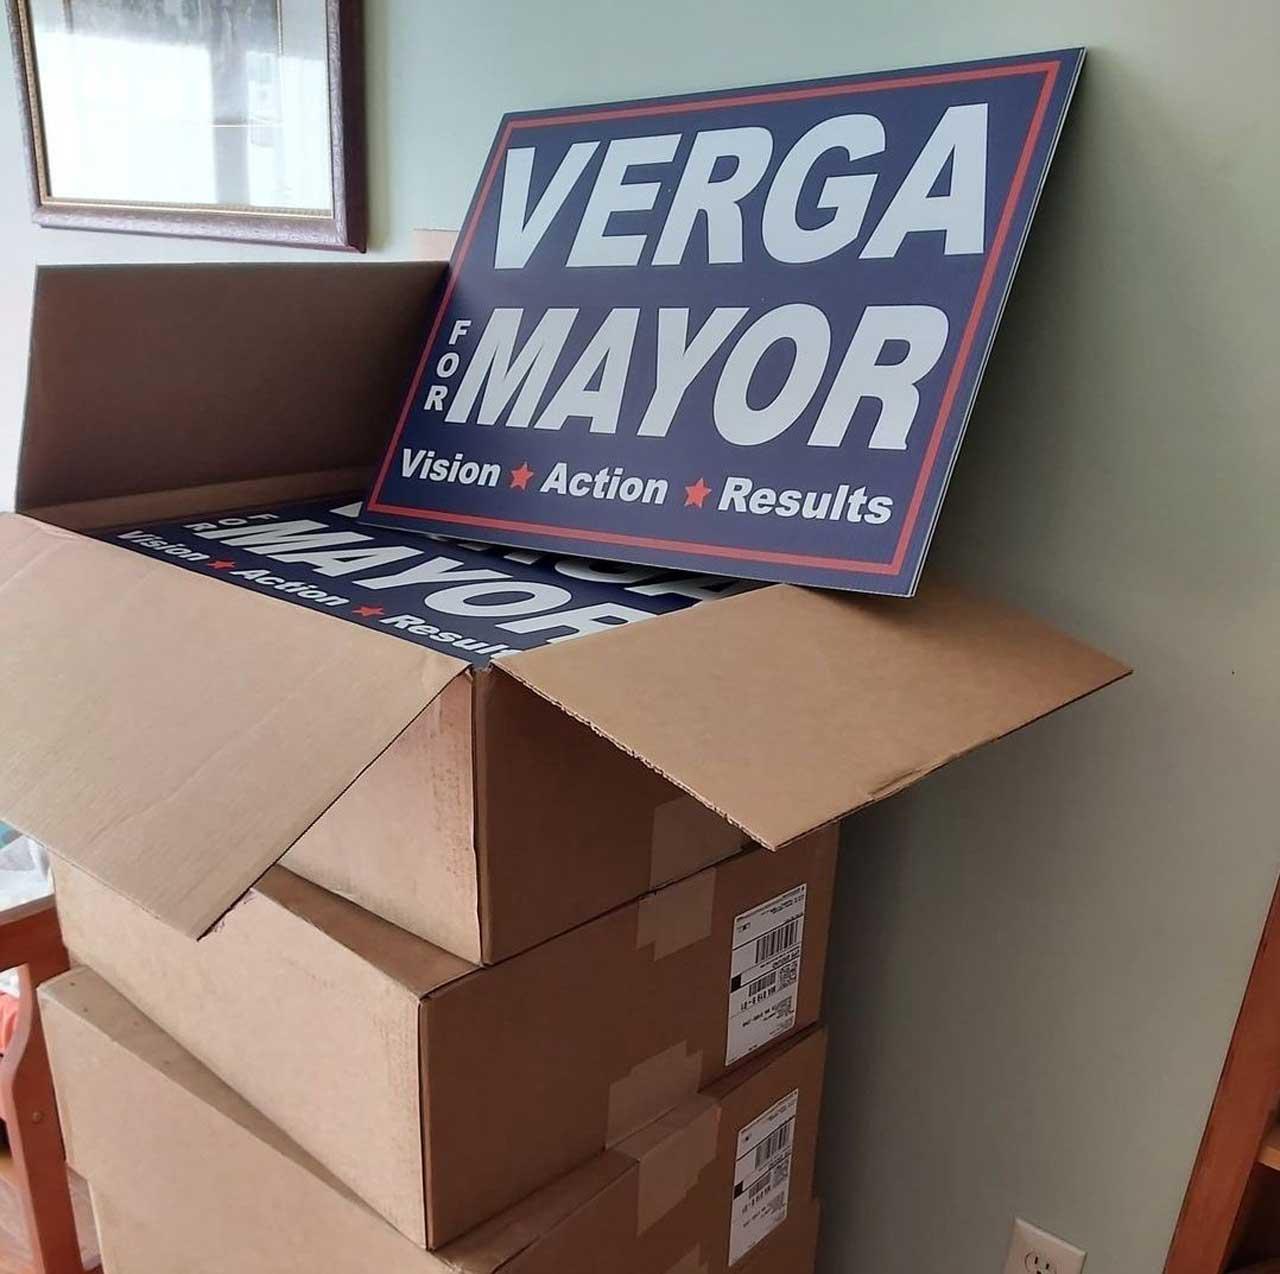 Greg Verga y carteles con su nombre durante campaña en Estados Unidos viral en México